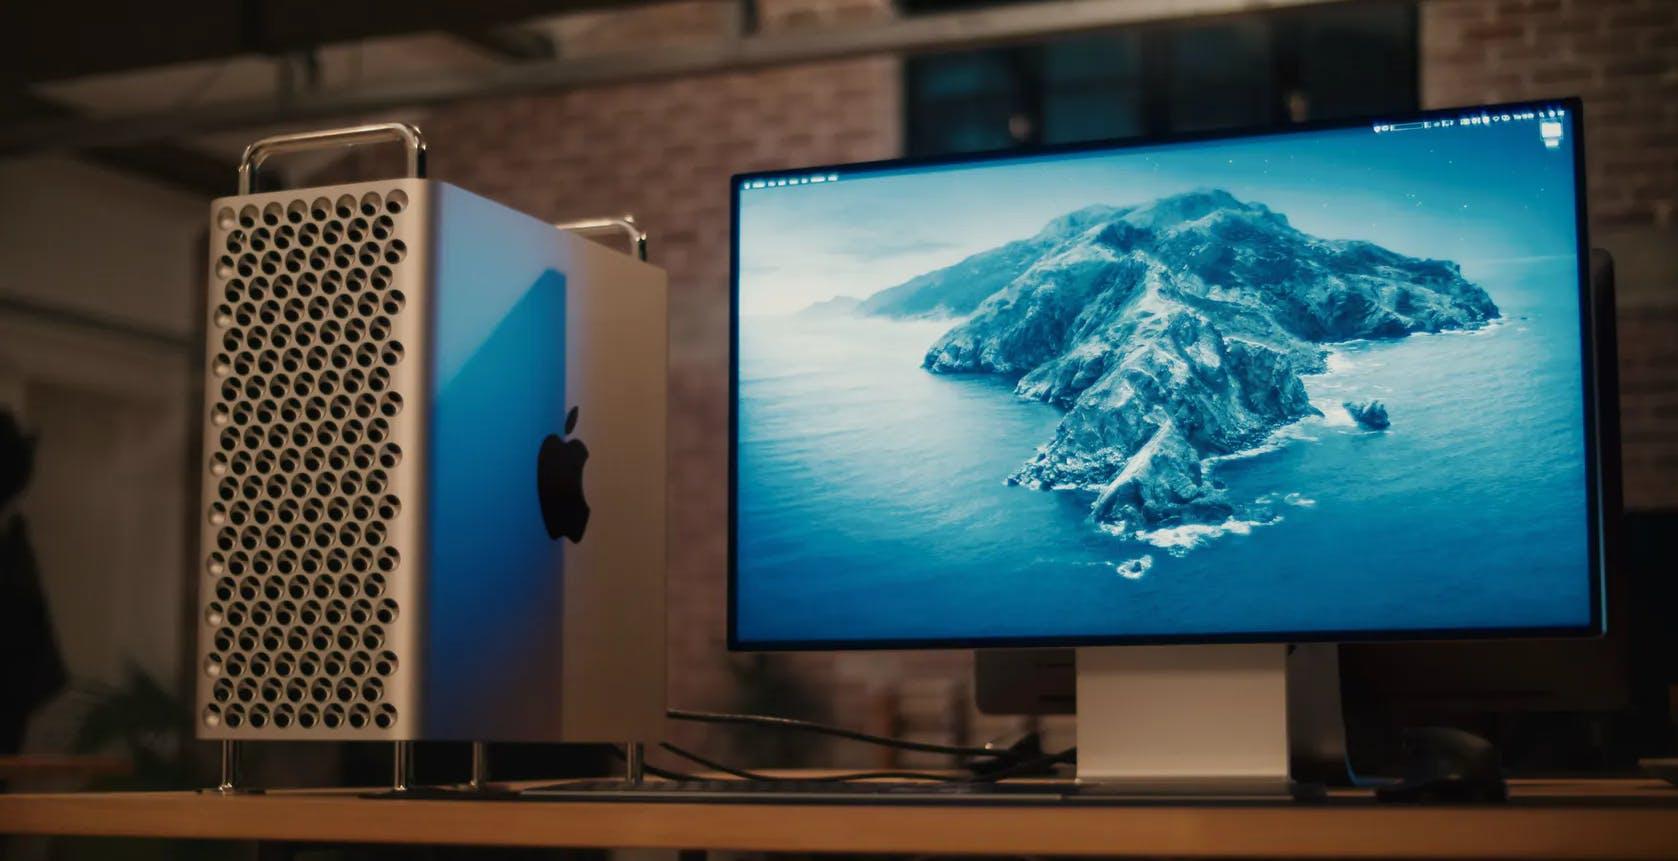 Mac a non finire. Tutte le voci sui nuovi Mac in arrivo con processori Apple Silicon M1X